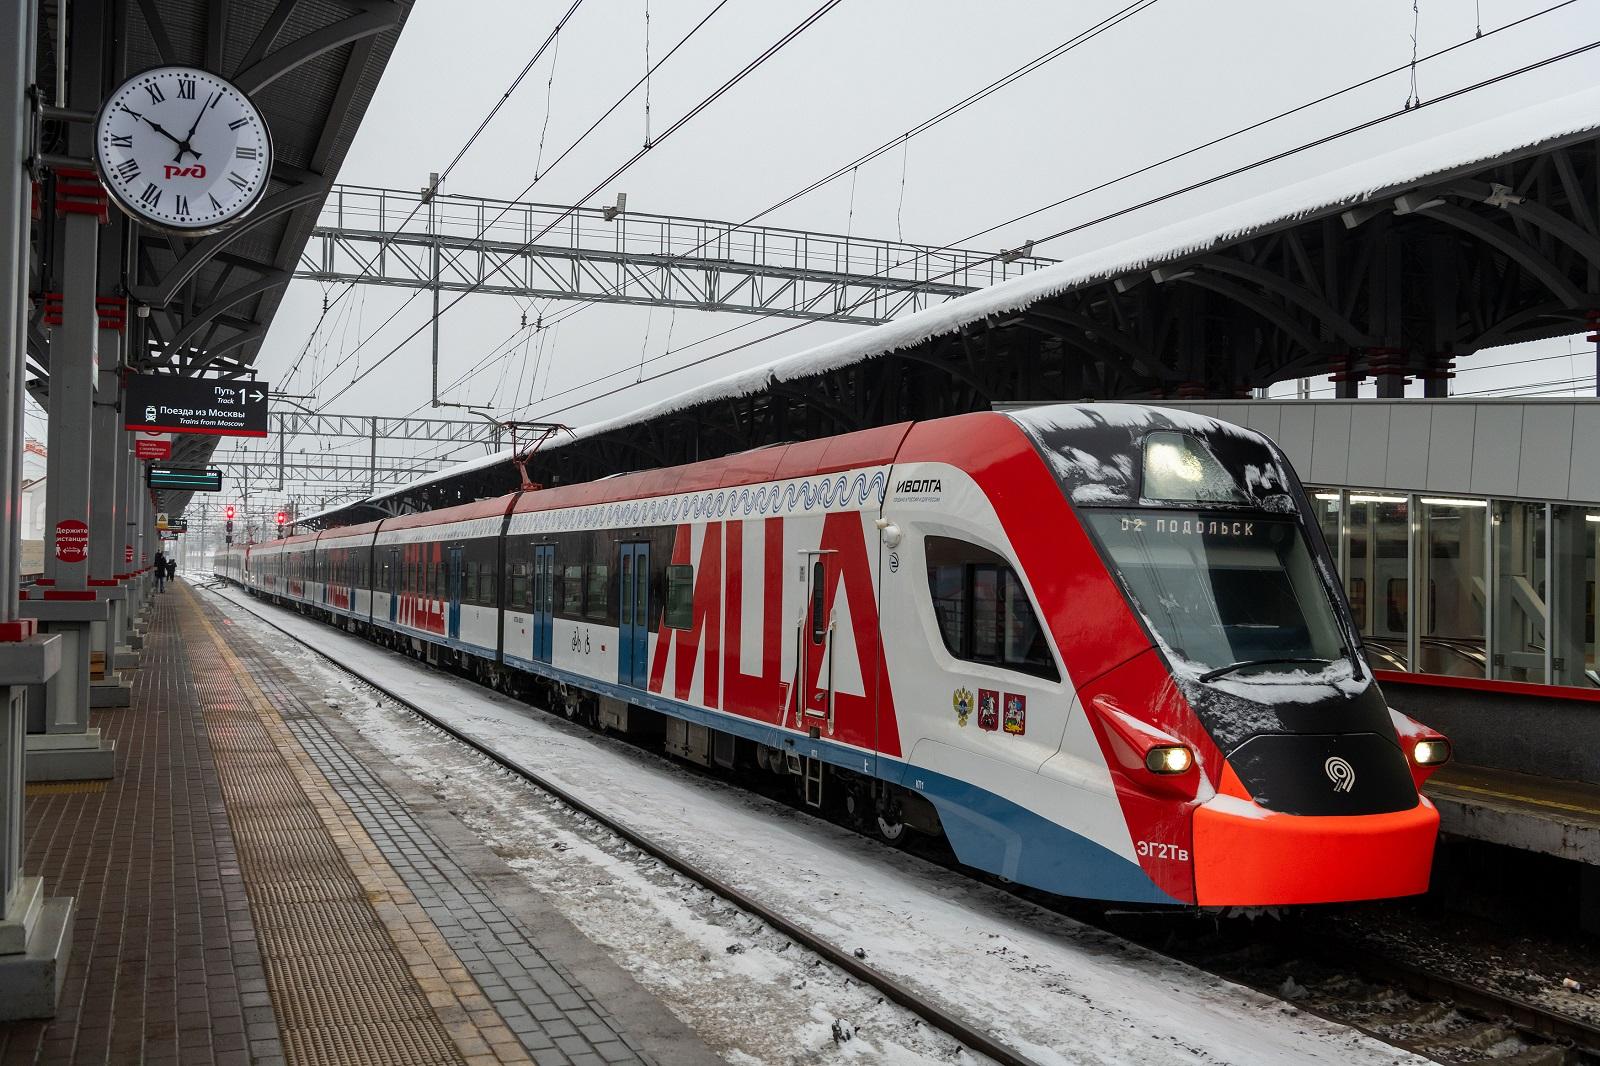 Пропускная способность участка железной дороги Каланчевская — Курская увеличится вдвое